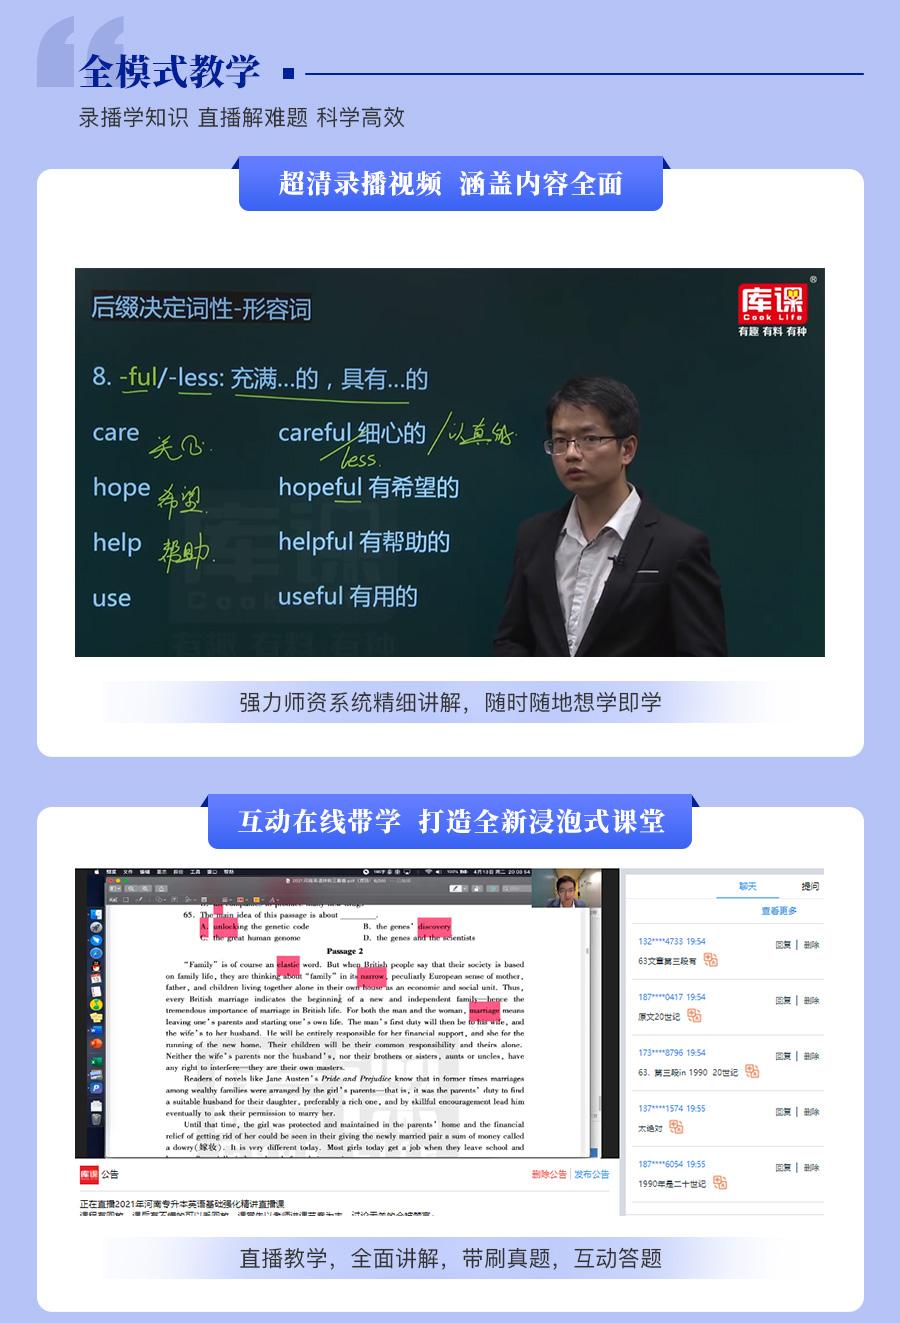 重庆-vip-英语+高数+计算机_05.jpg